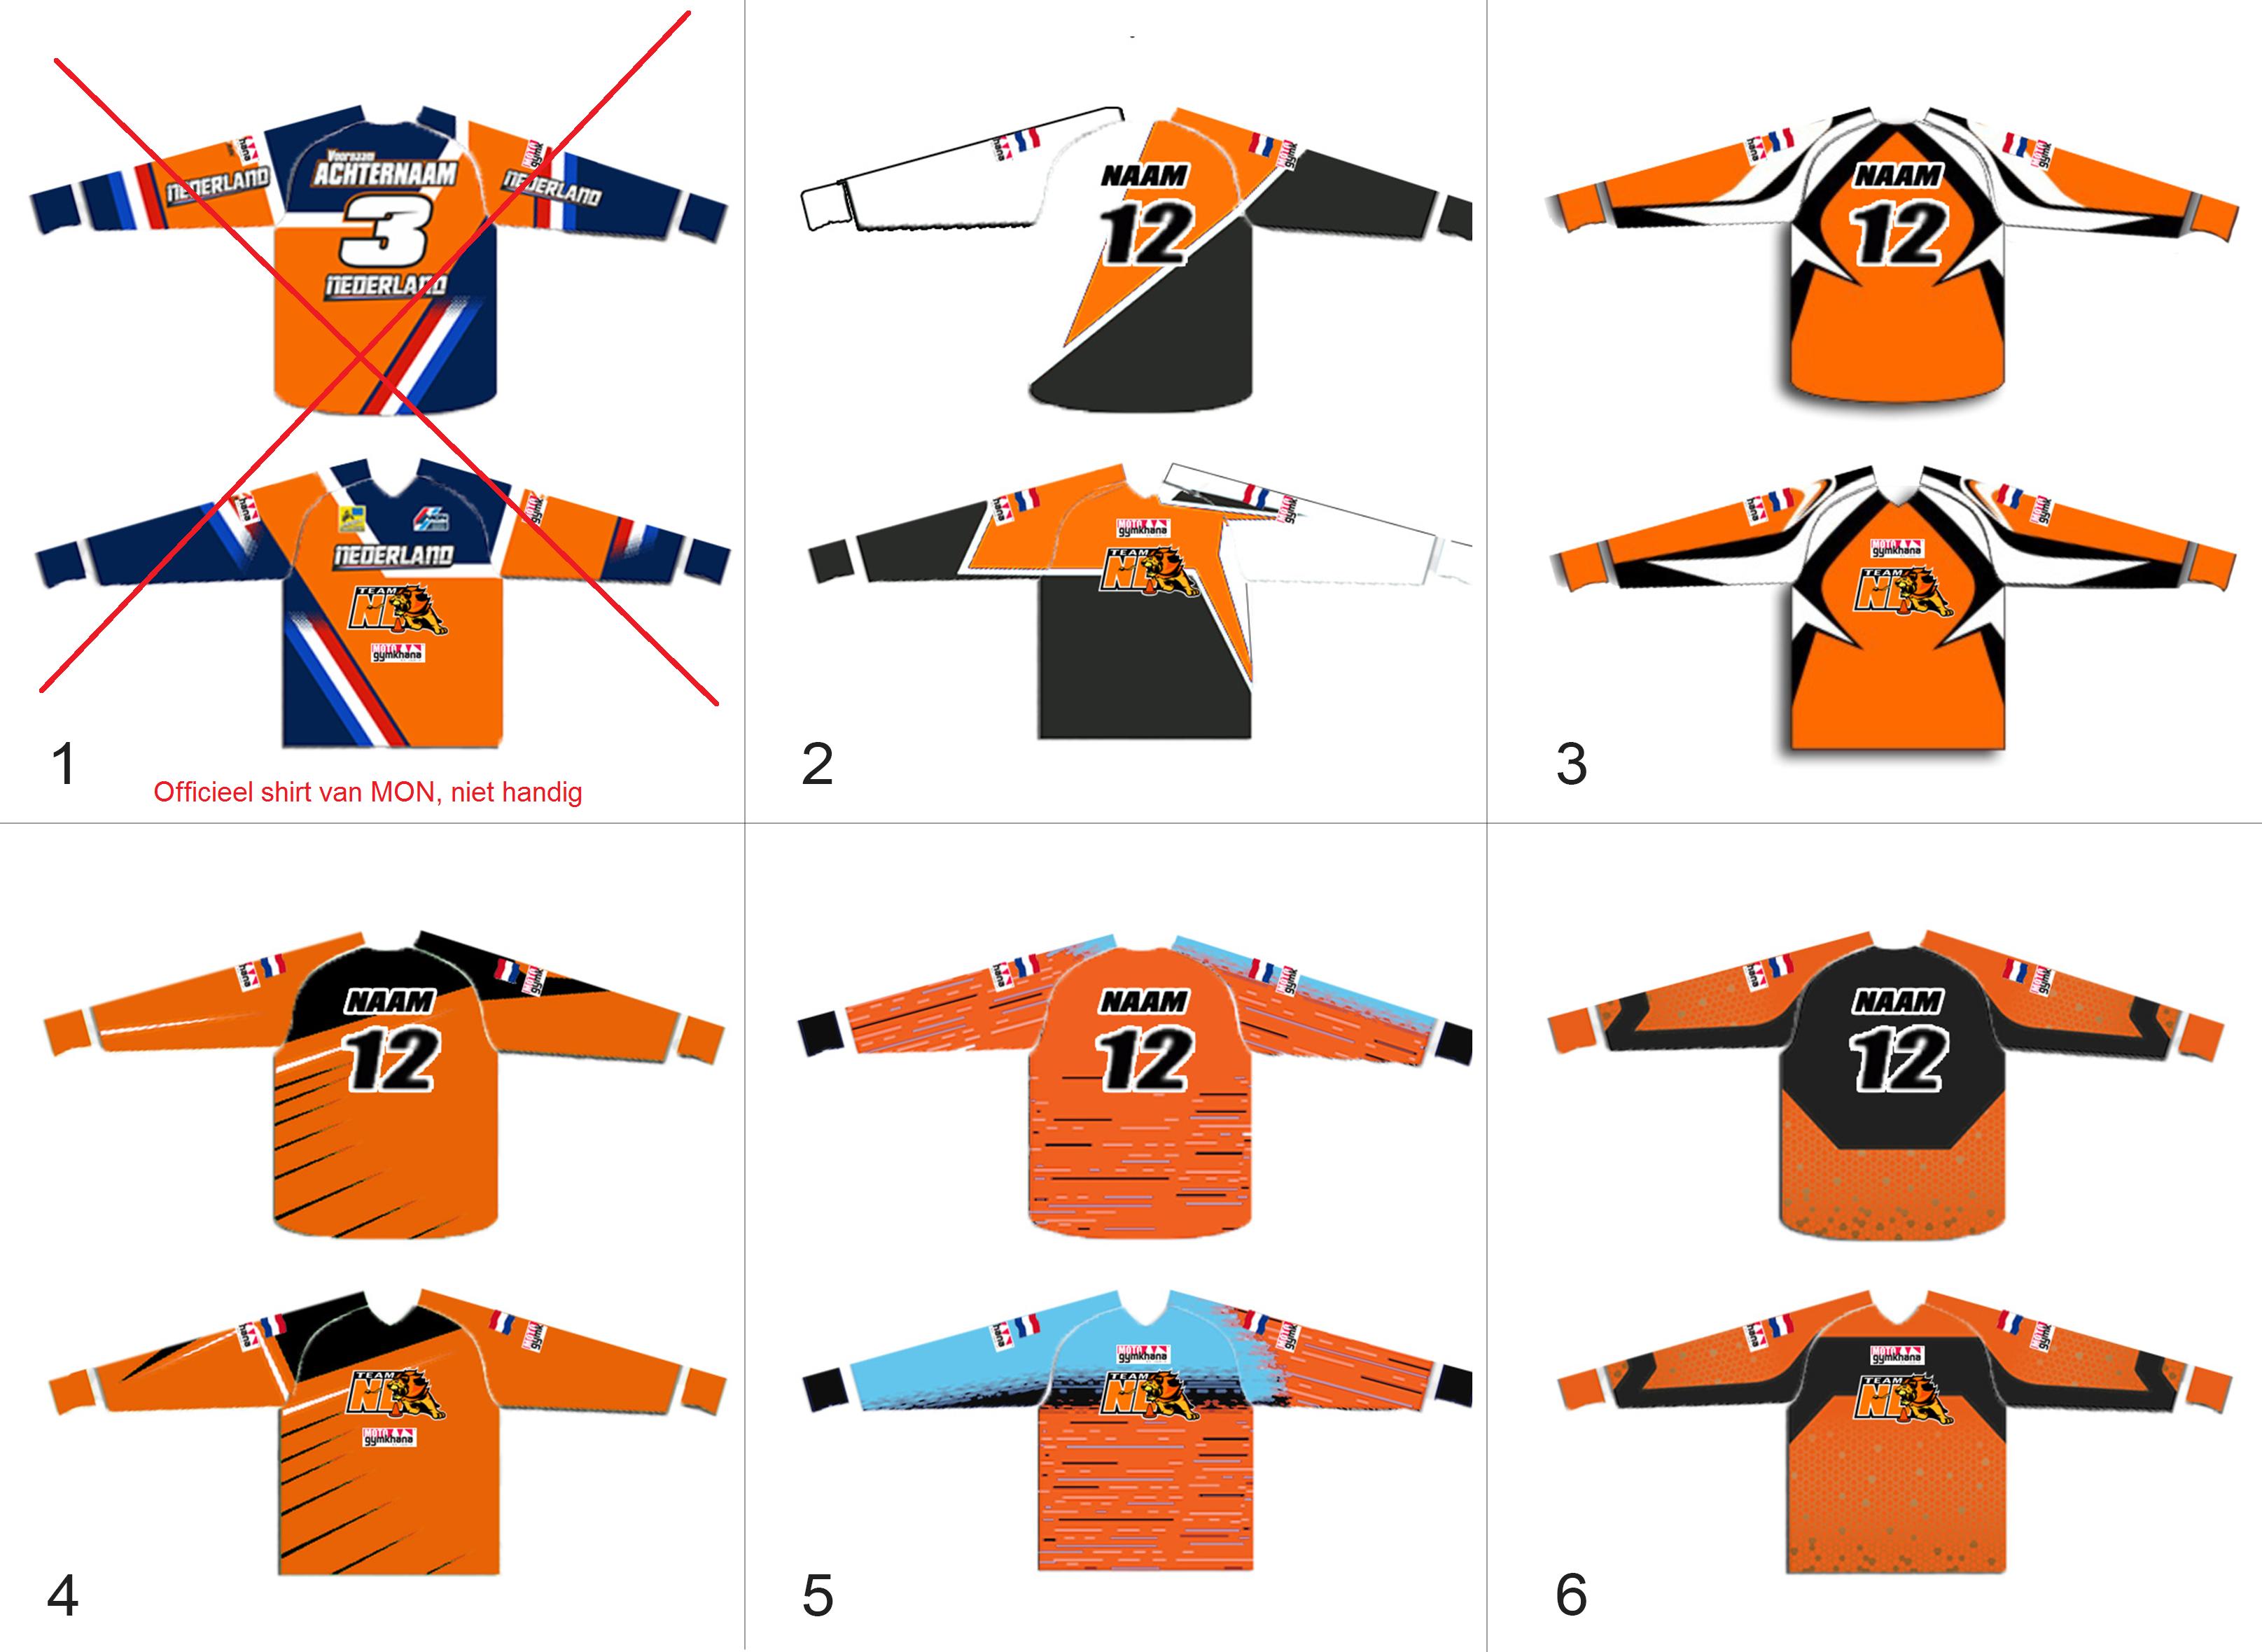 6 ontwerpen cross shirts